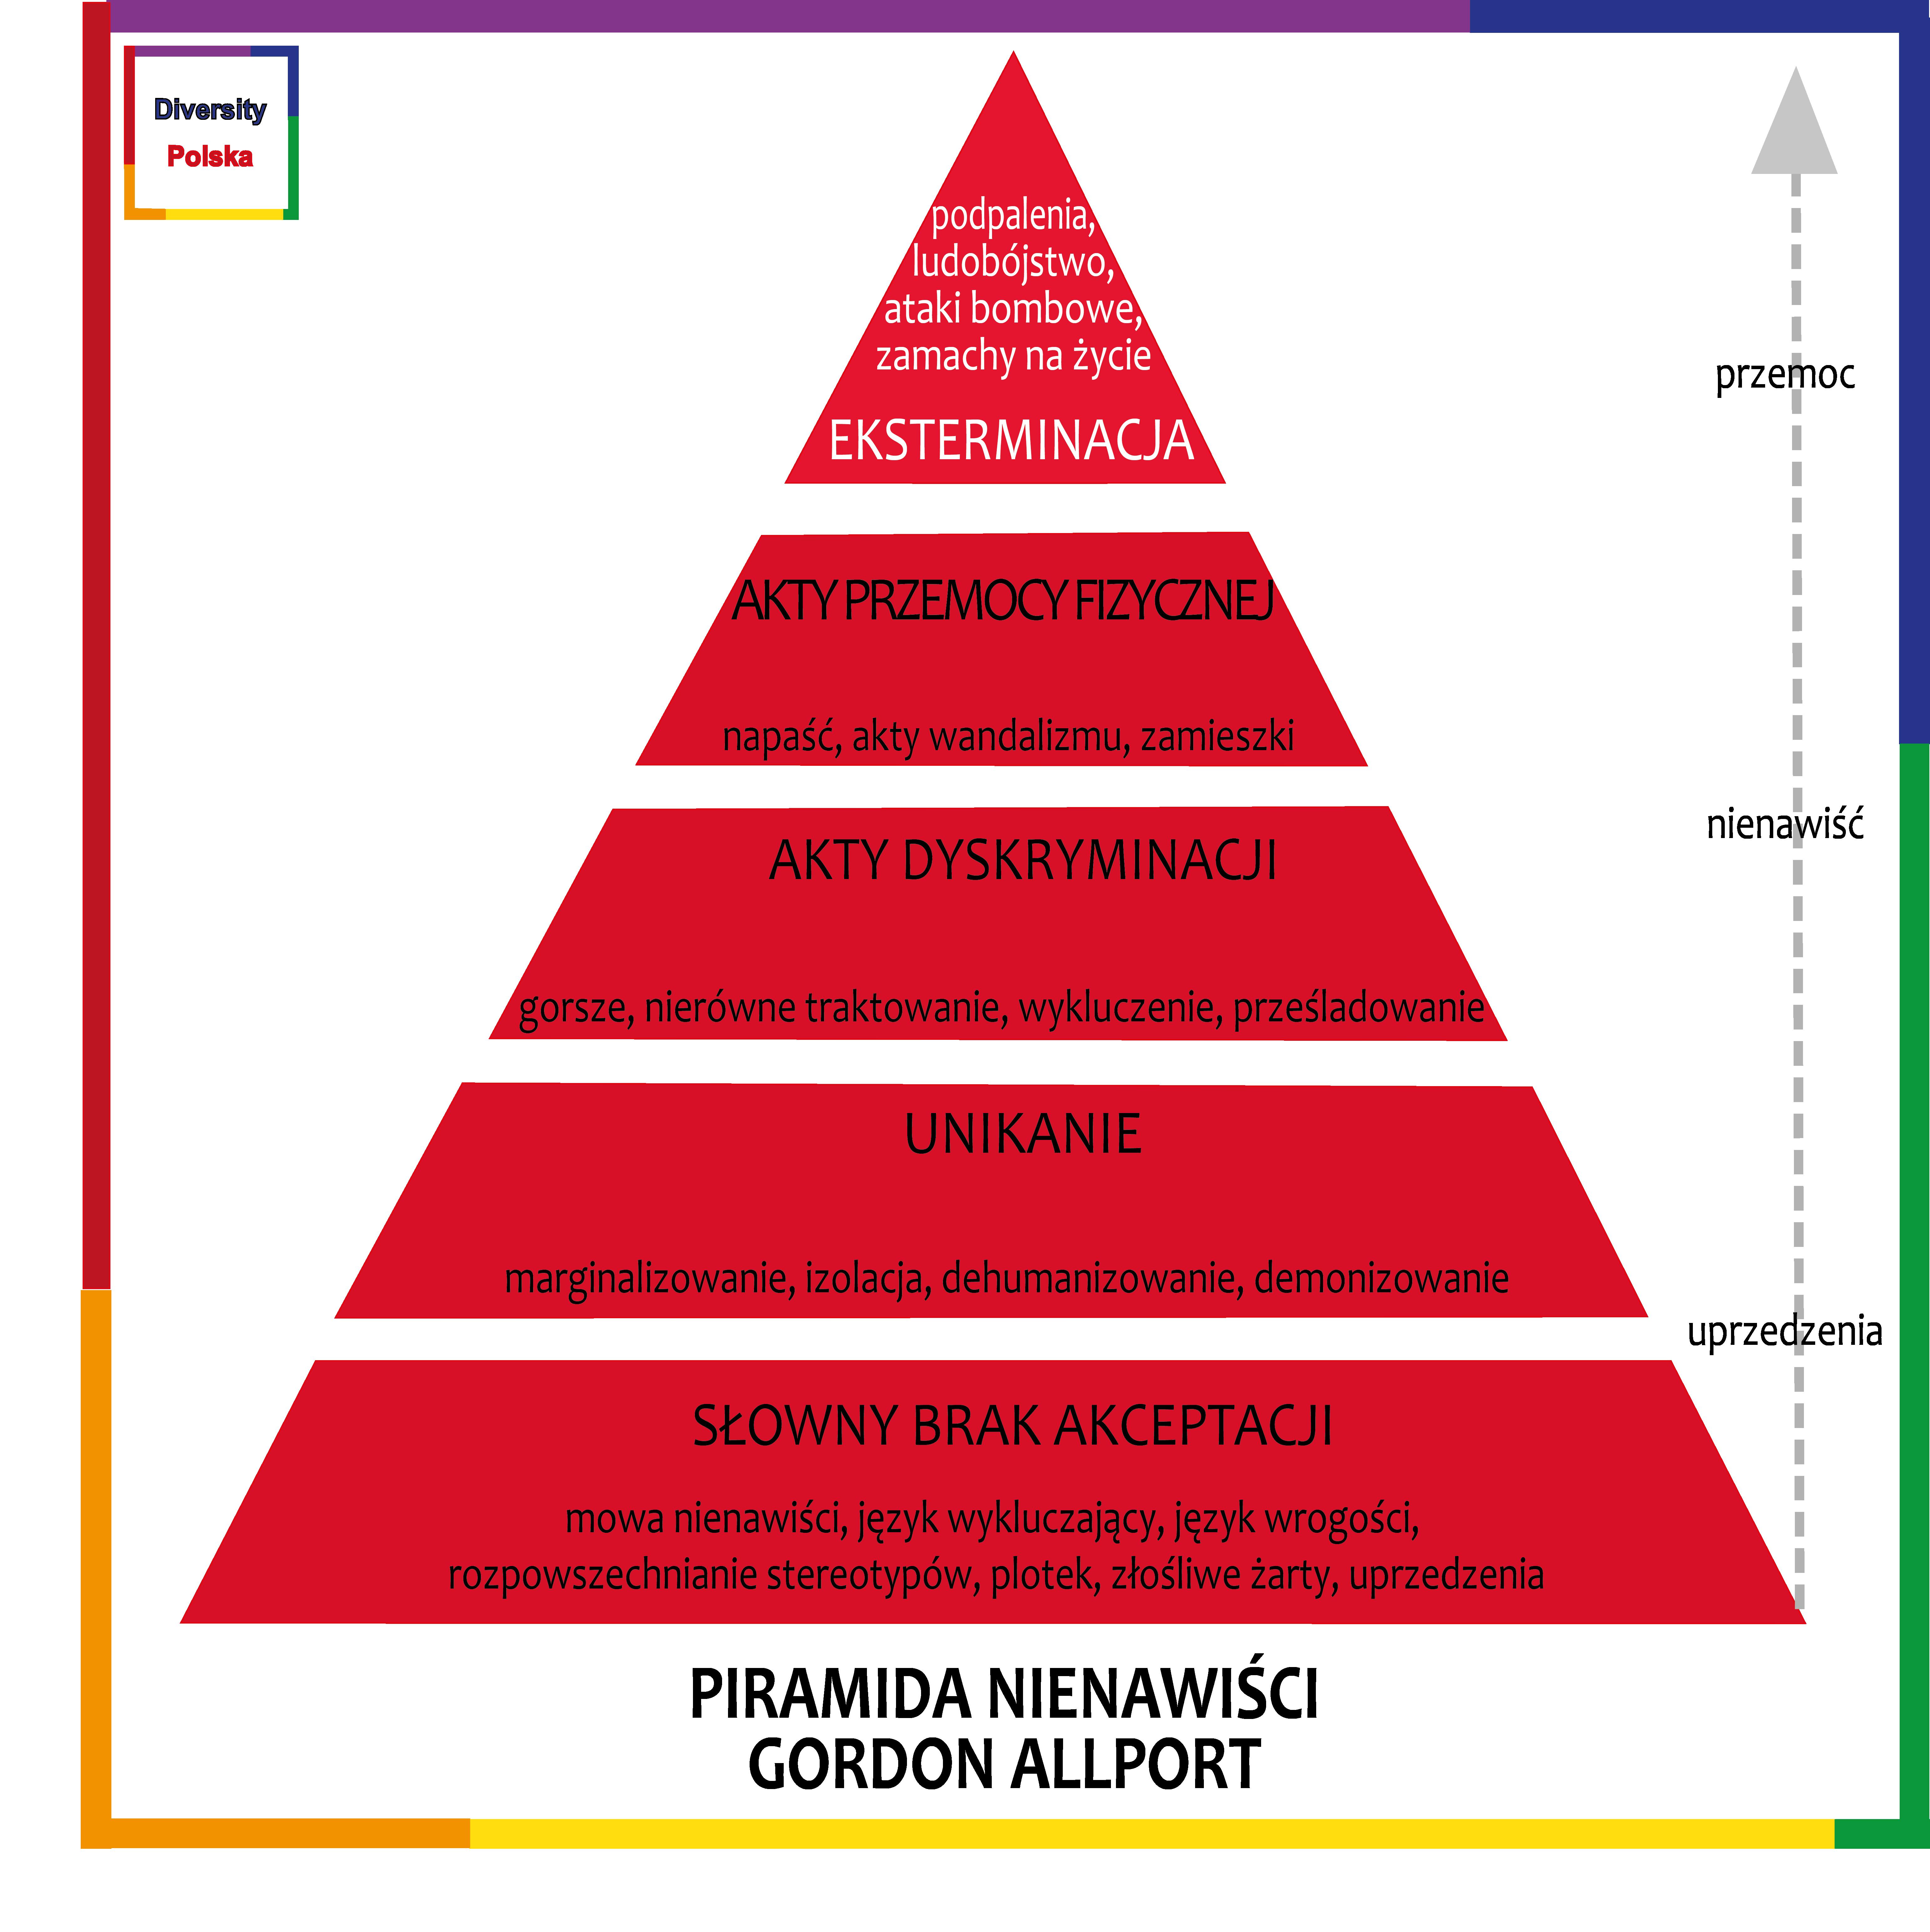 Piramida nienawiści Diversity Polska